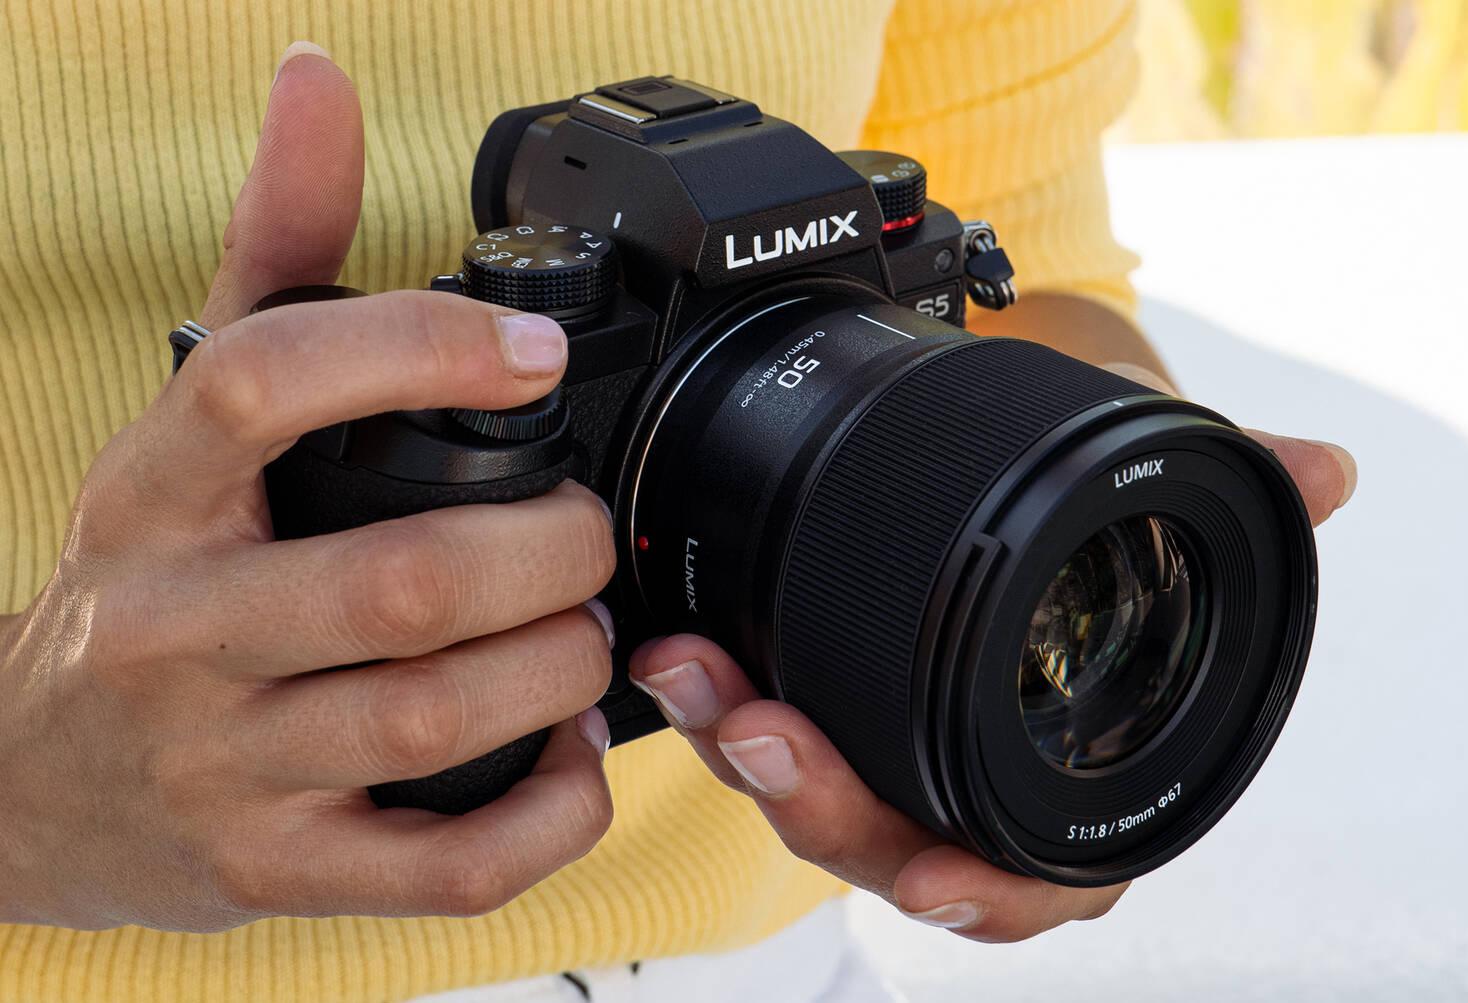 Камера Panasonic Lumix S5 с объективом Lumix S 50mm f/1.8 в руках фотографа